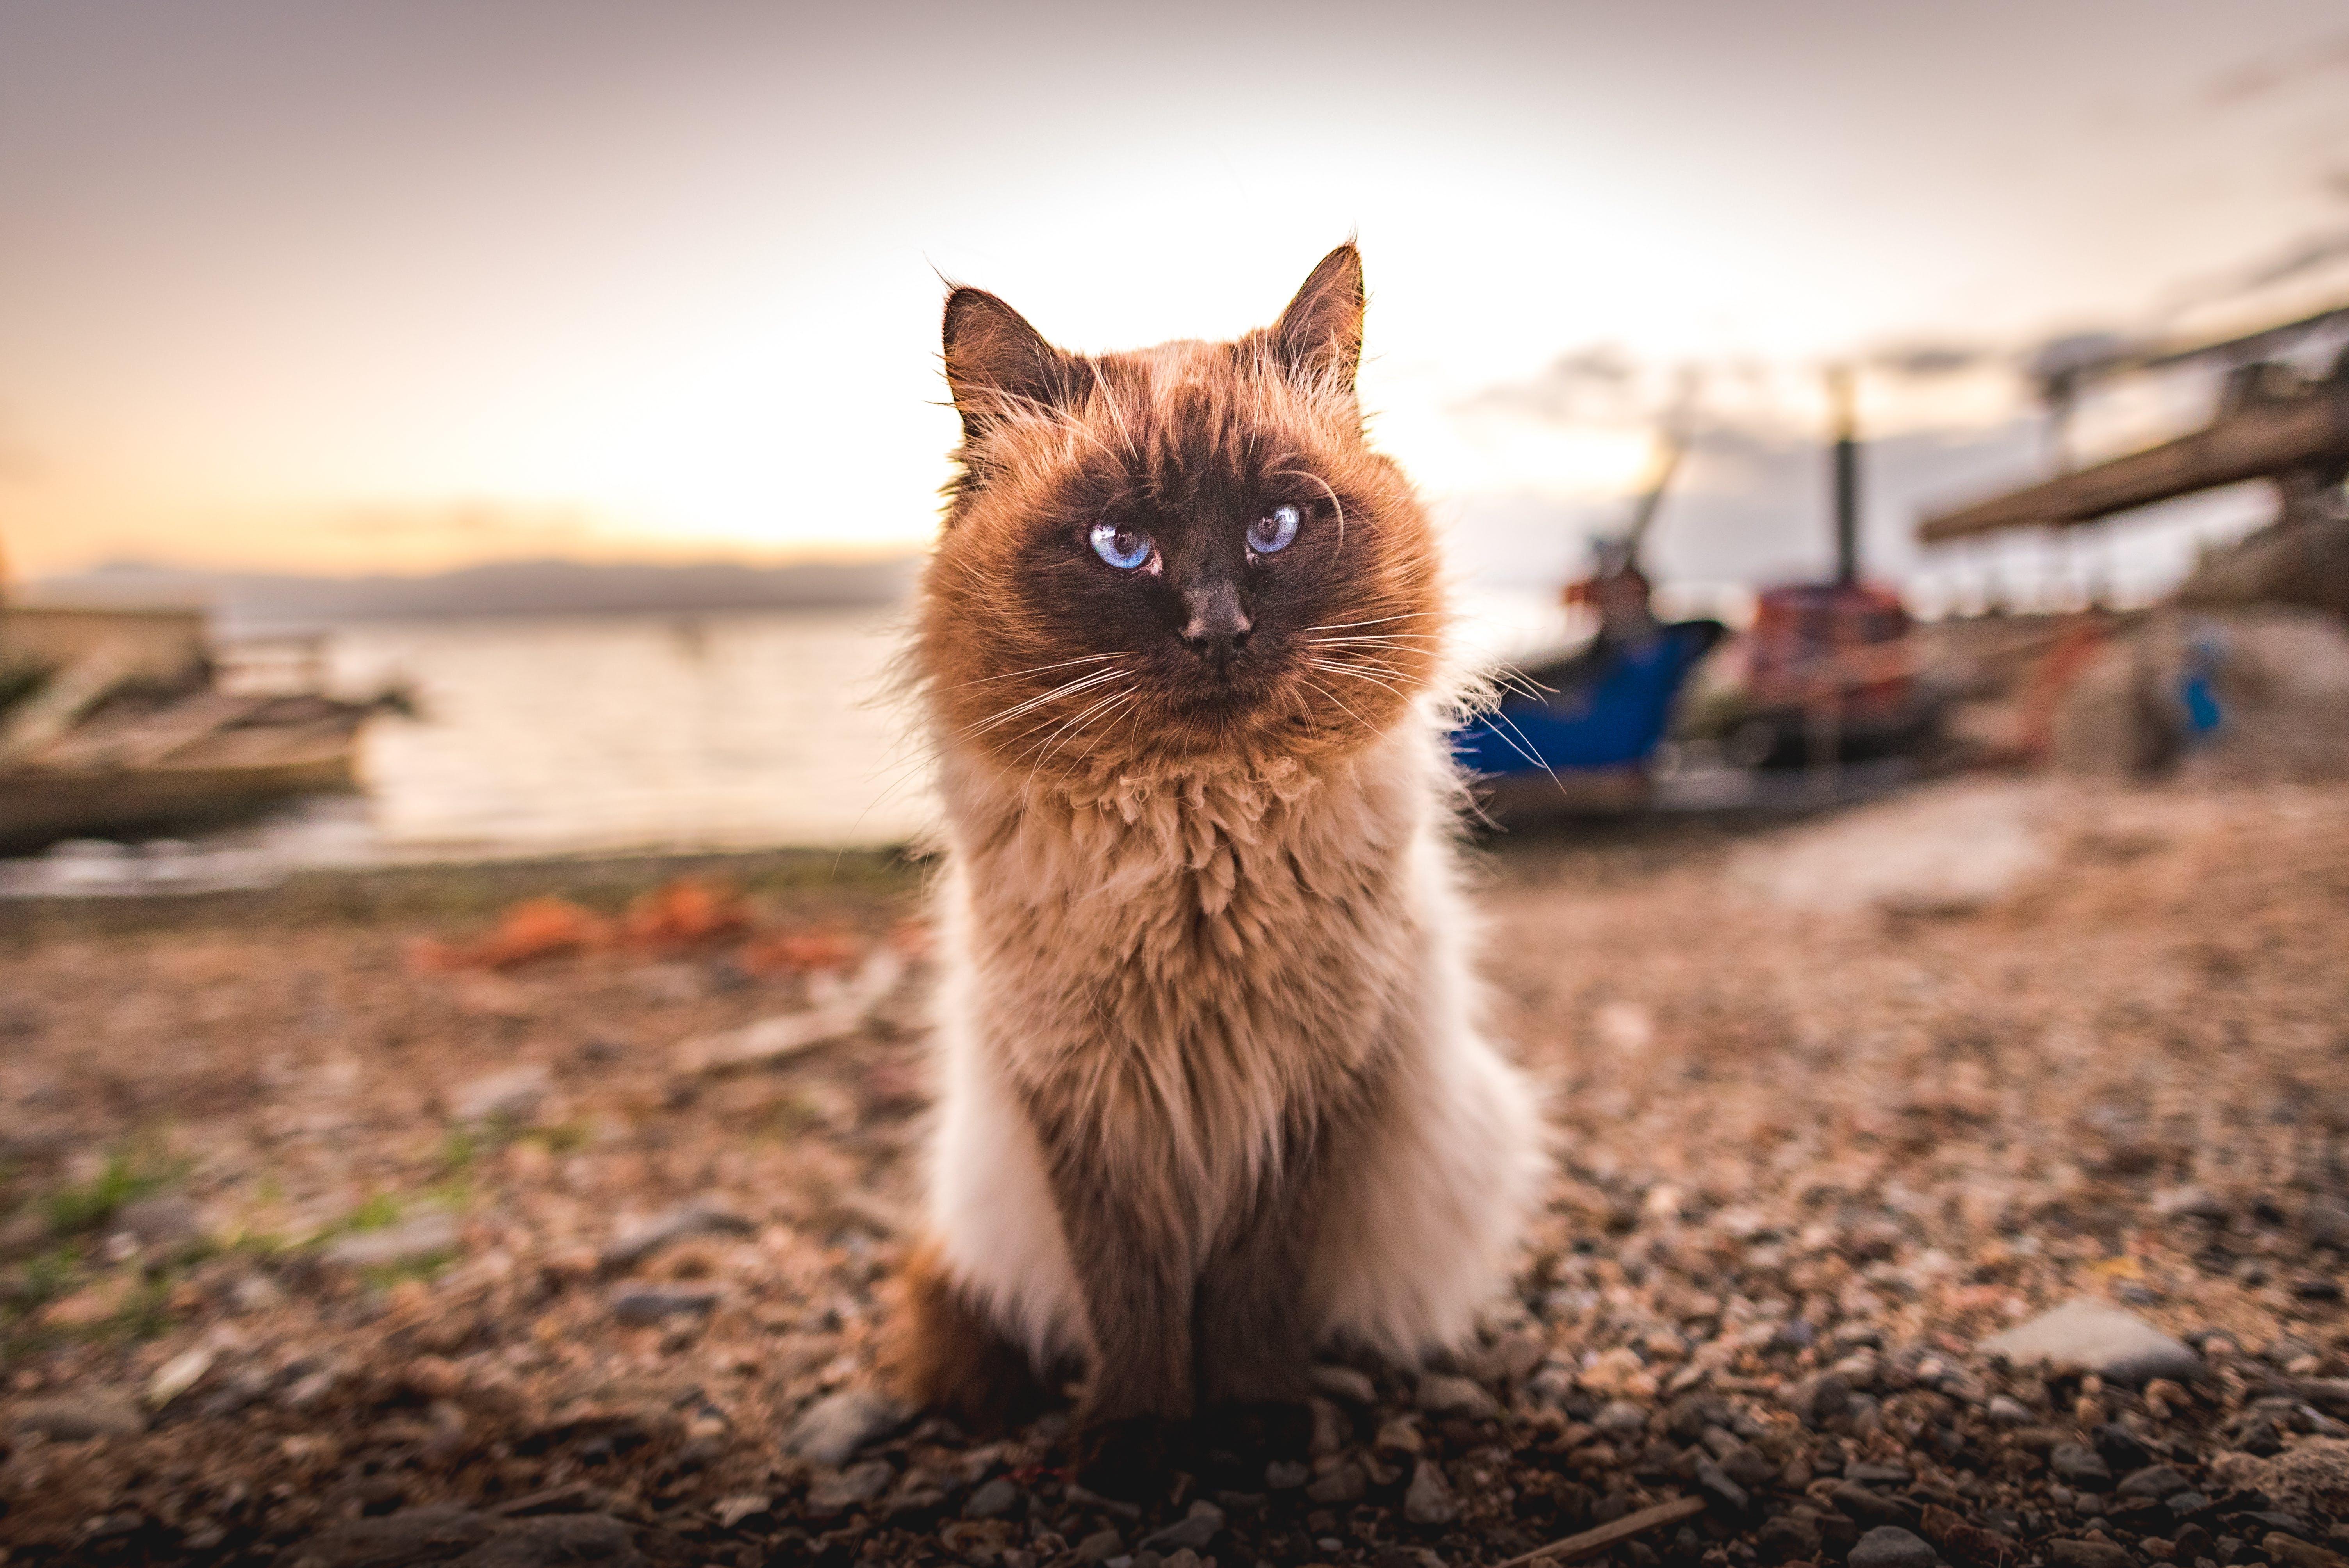 Kostnadsfri bild av cagliari, däggdjur, djur, förtjusande